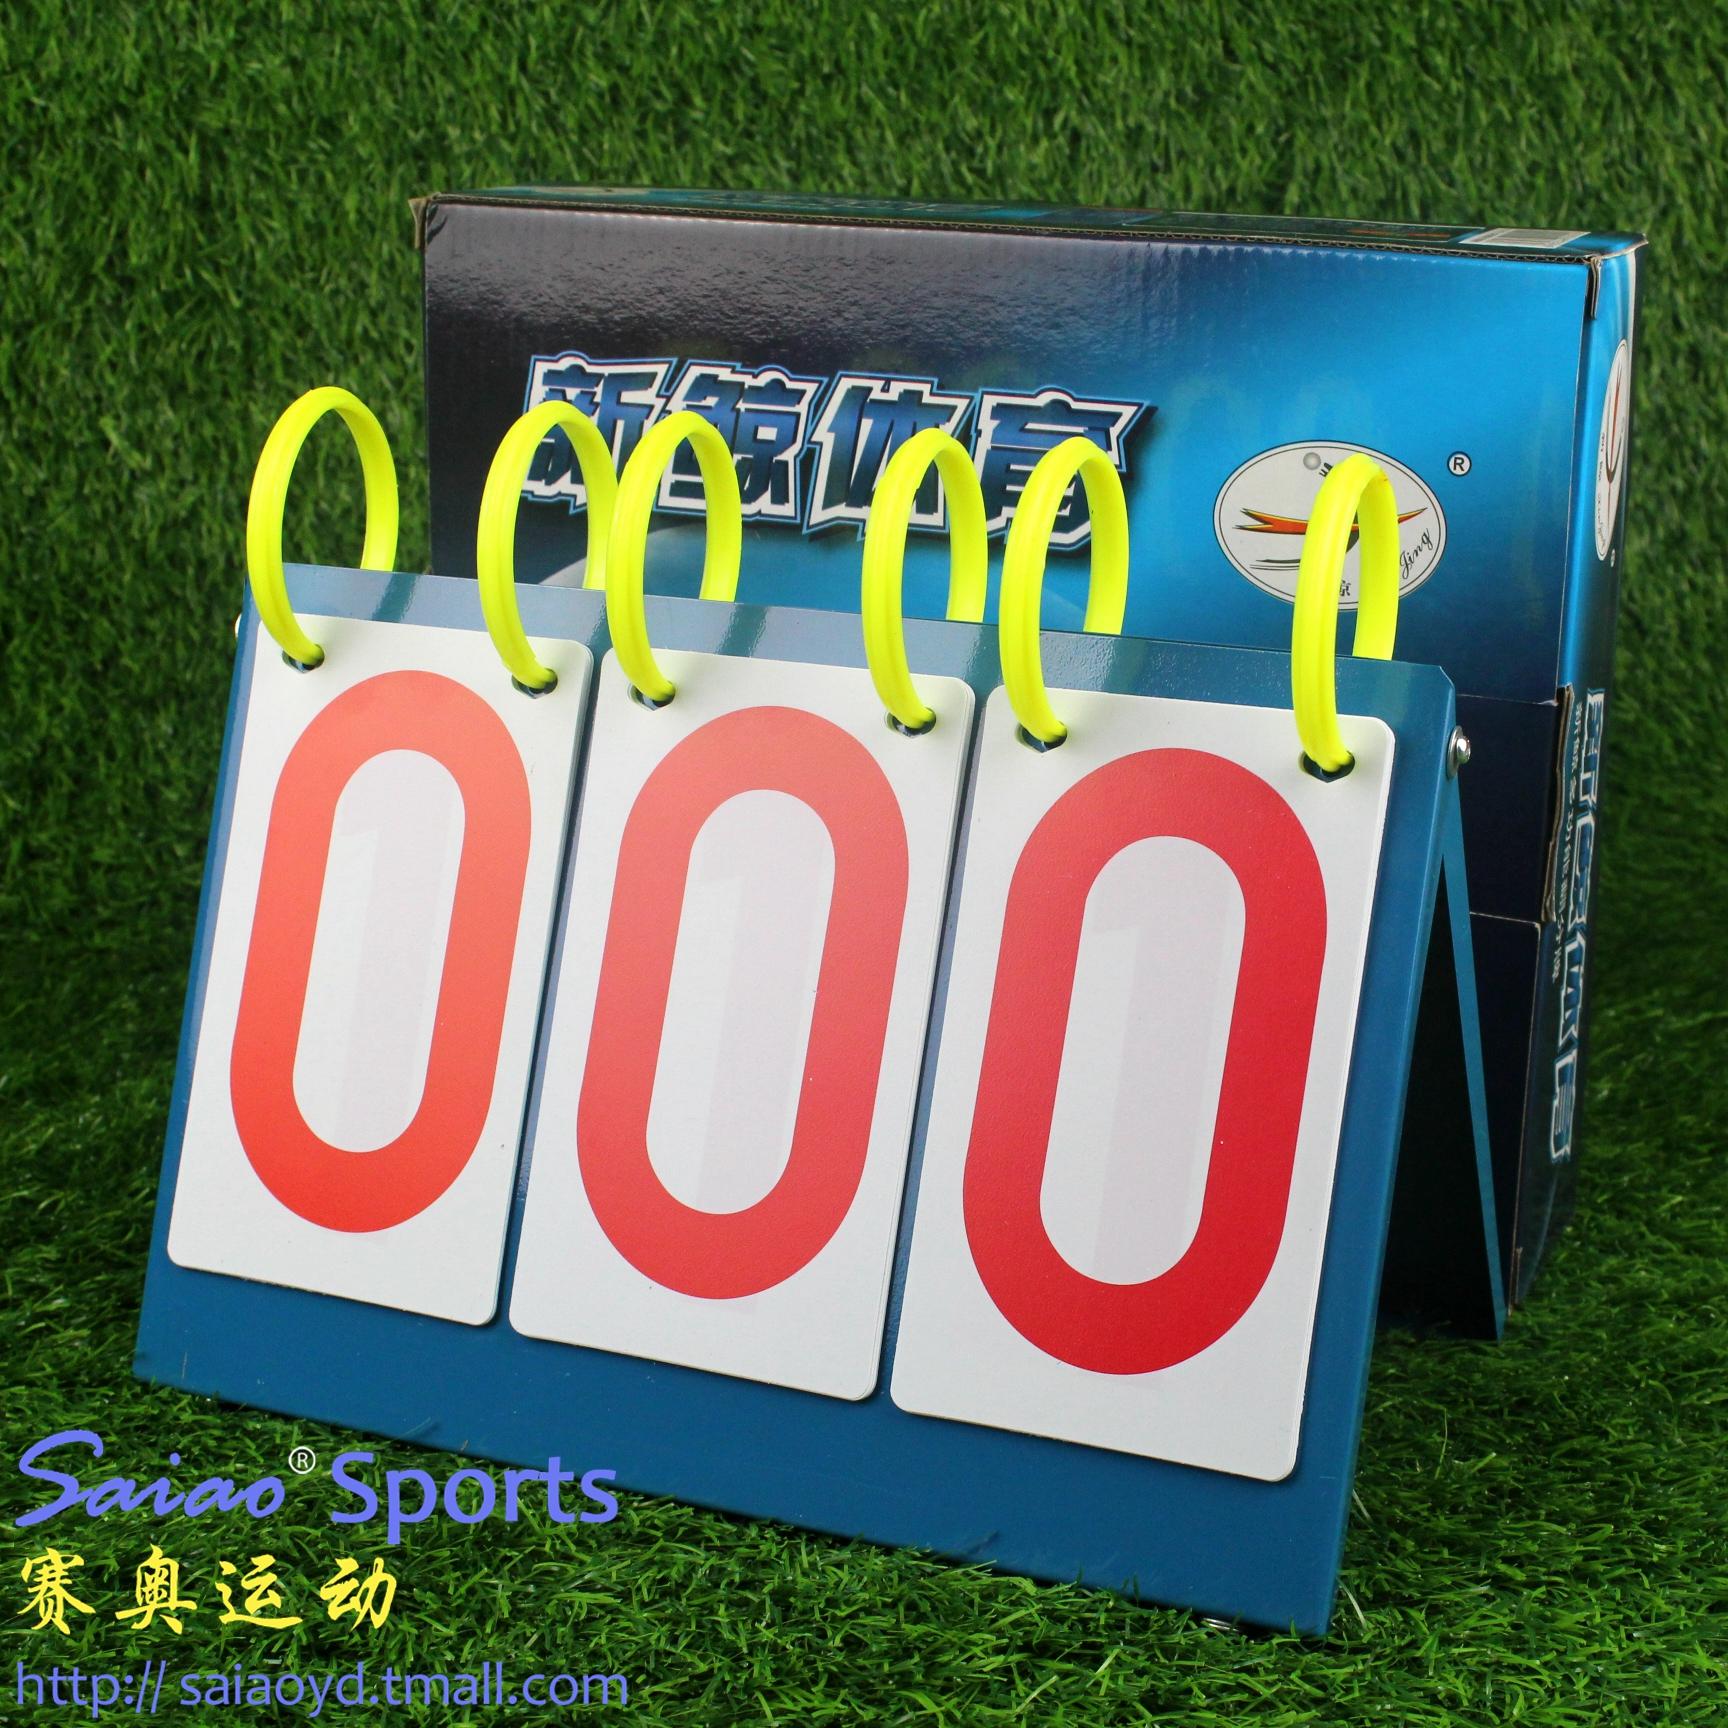 新款记分牌六位羽毛球乒乓球篮球四位数三位翻分牌计分器倒计时牌